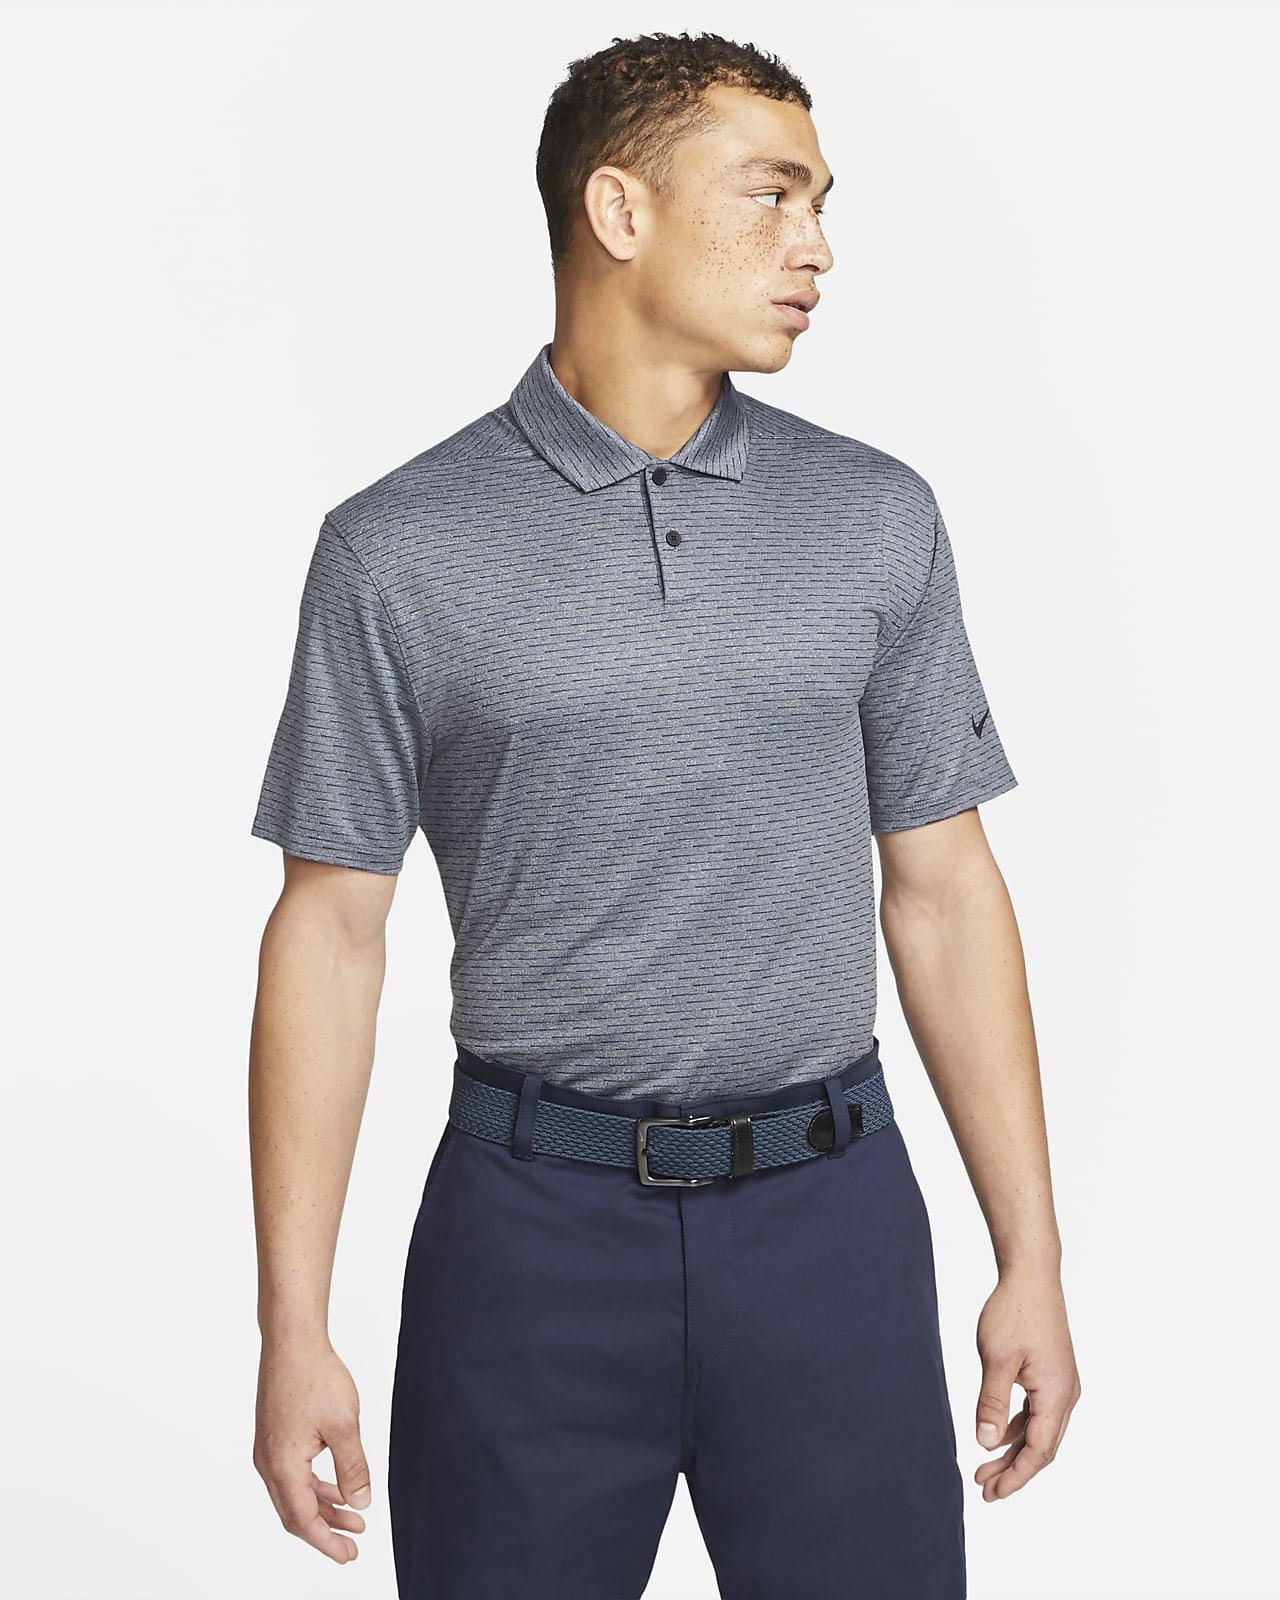 Polo de golf a rayas para hombre Nike Dri-FIT Vapor